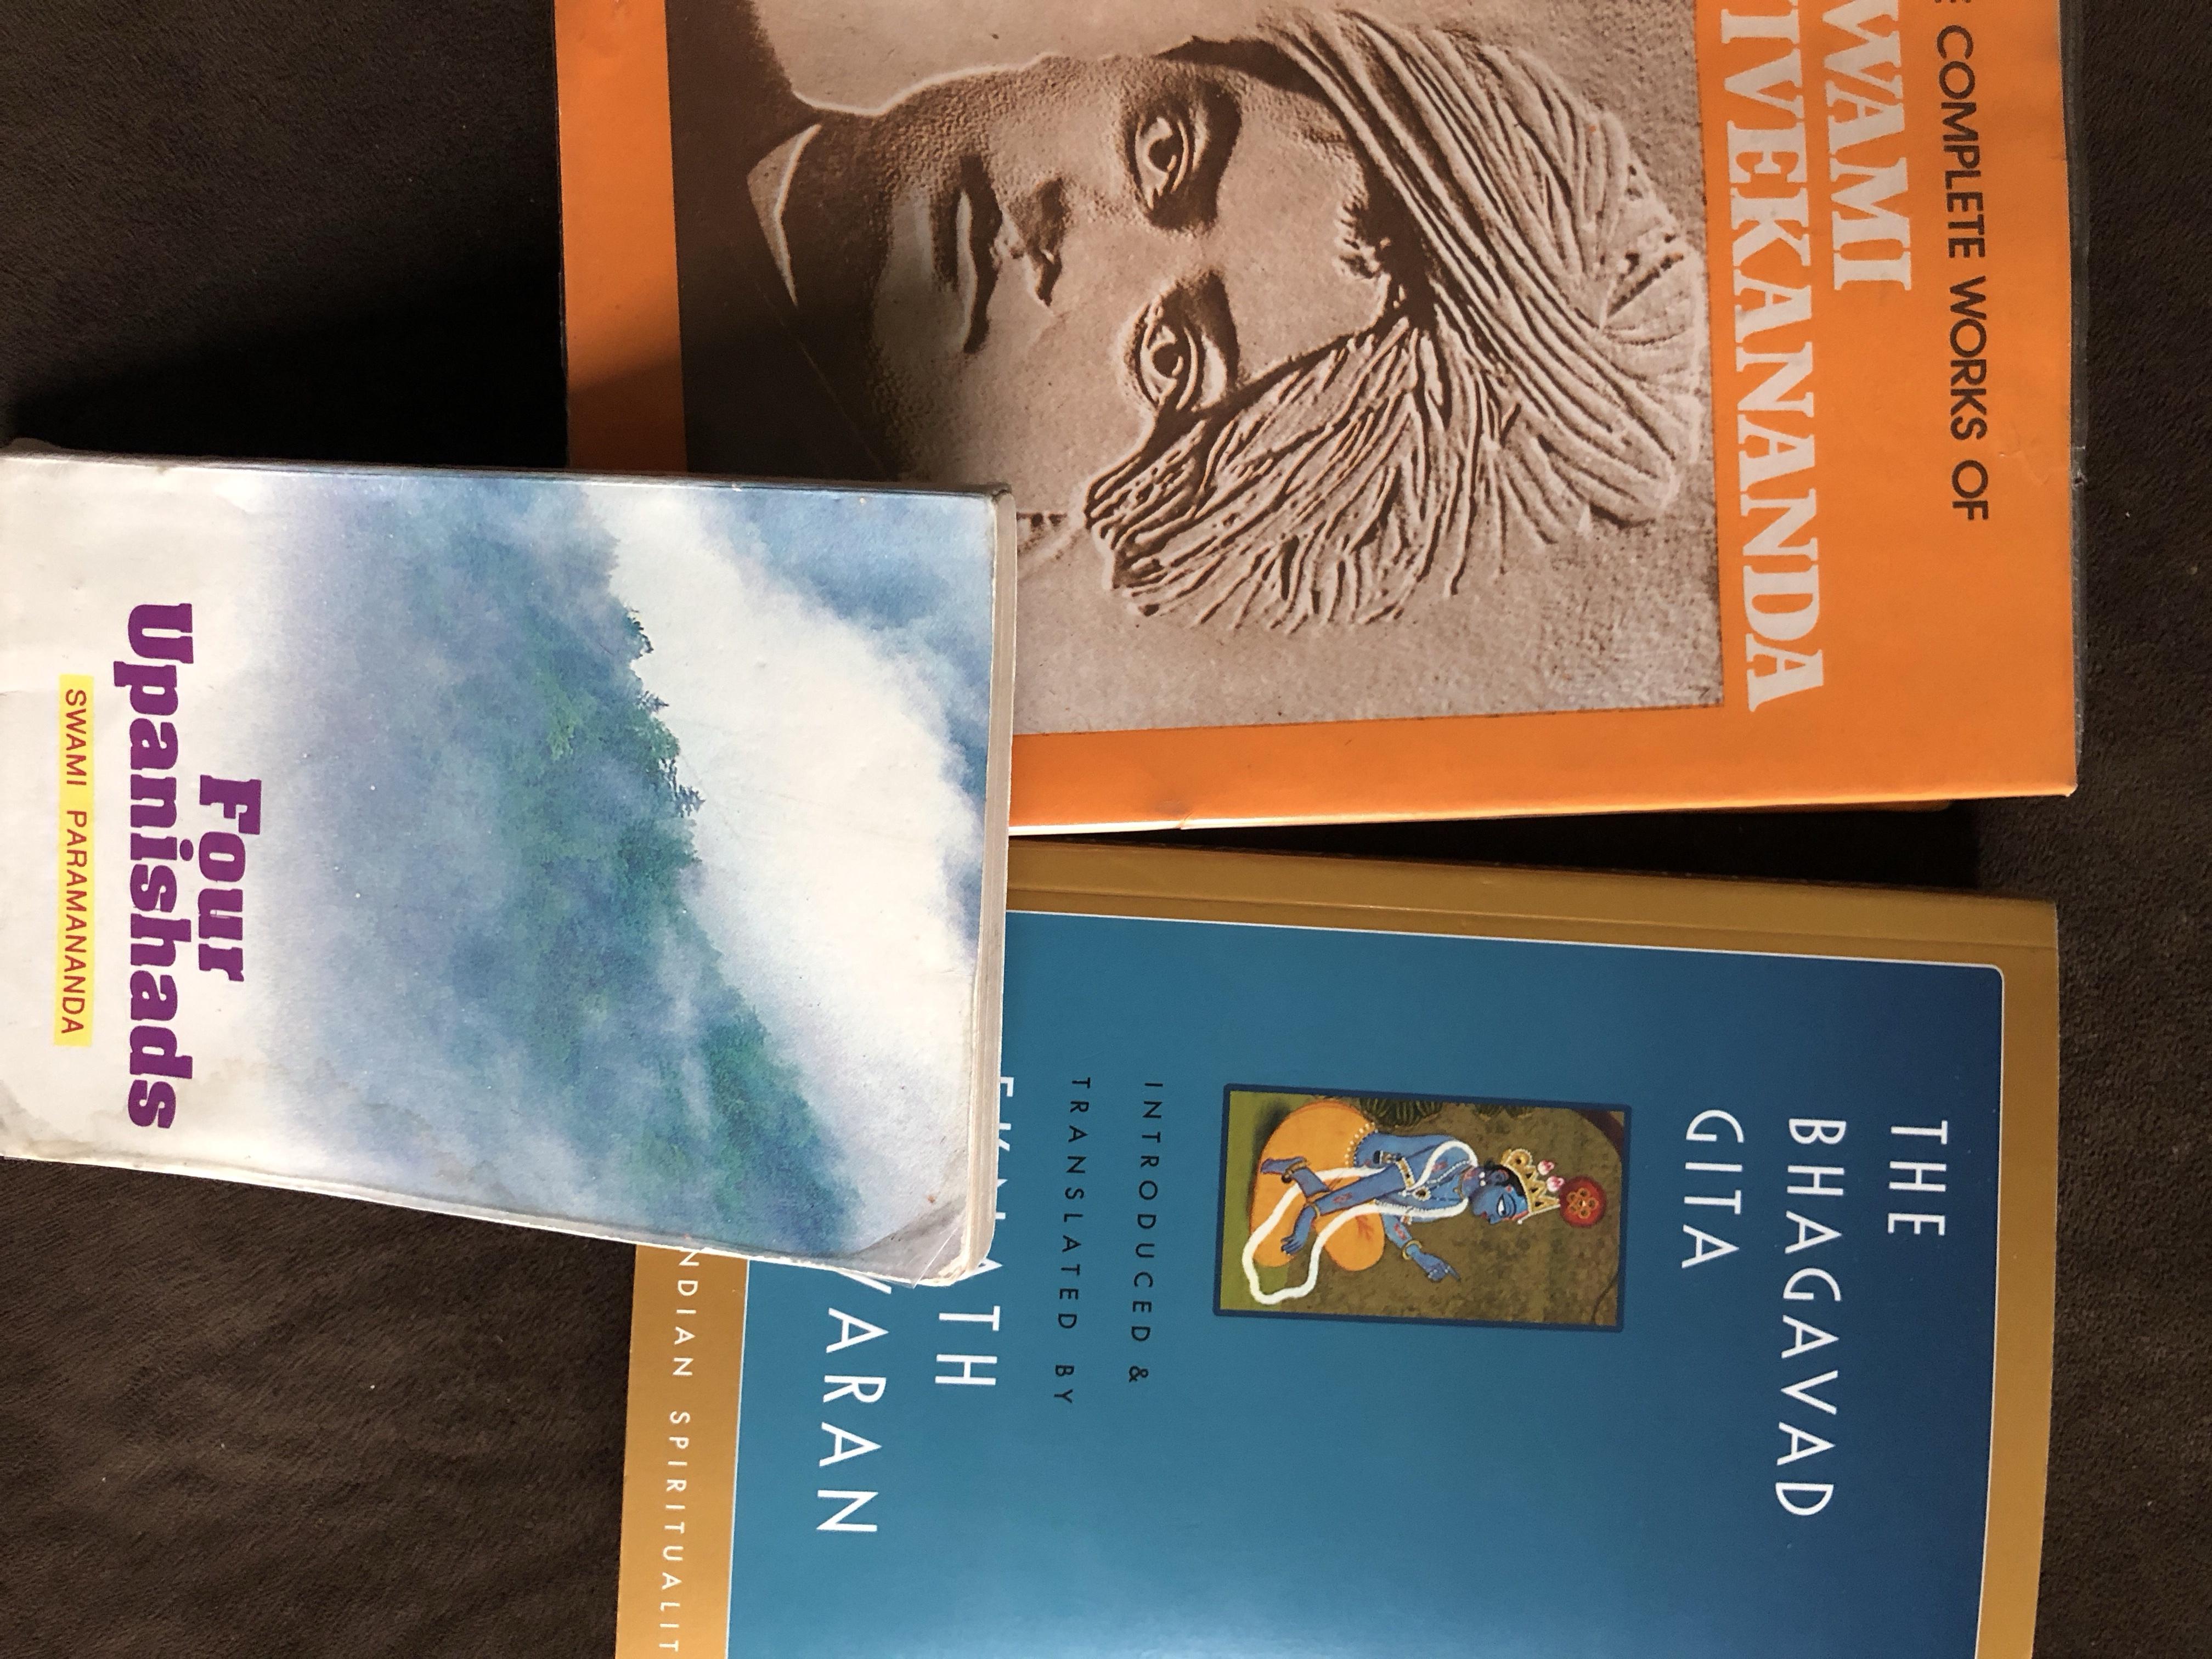 Some favorite books